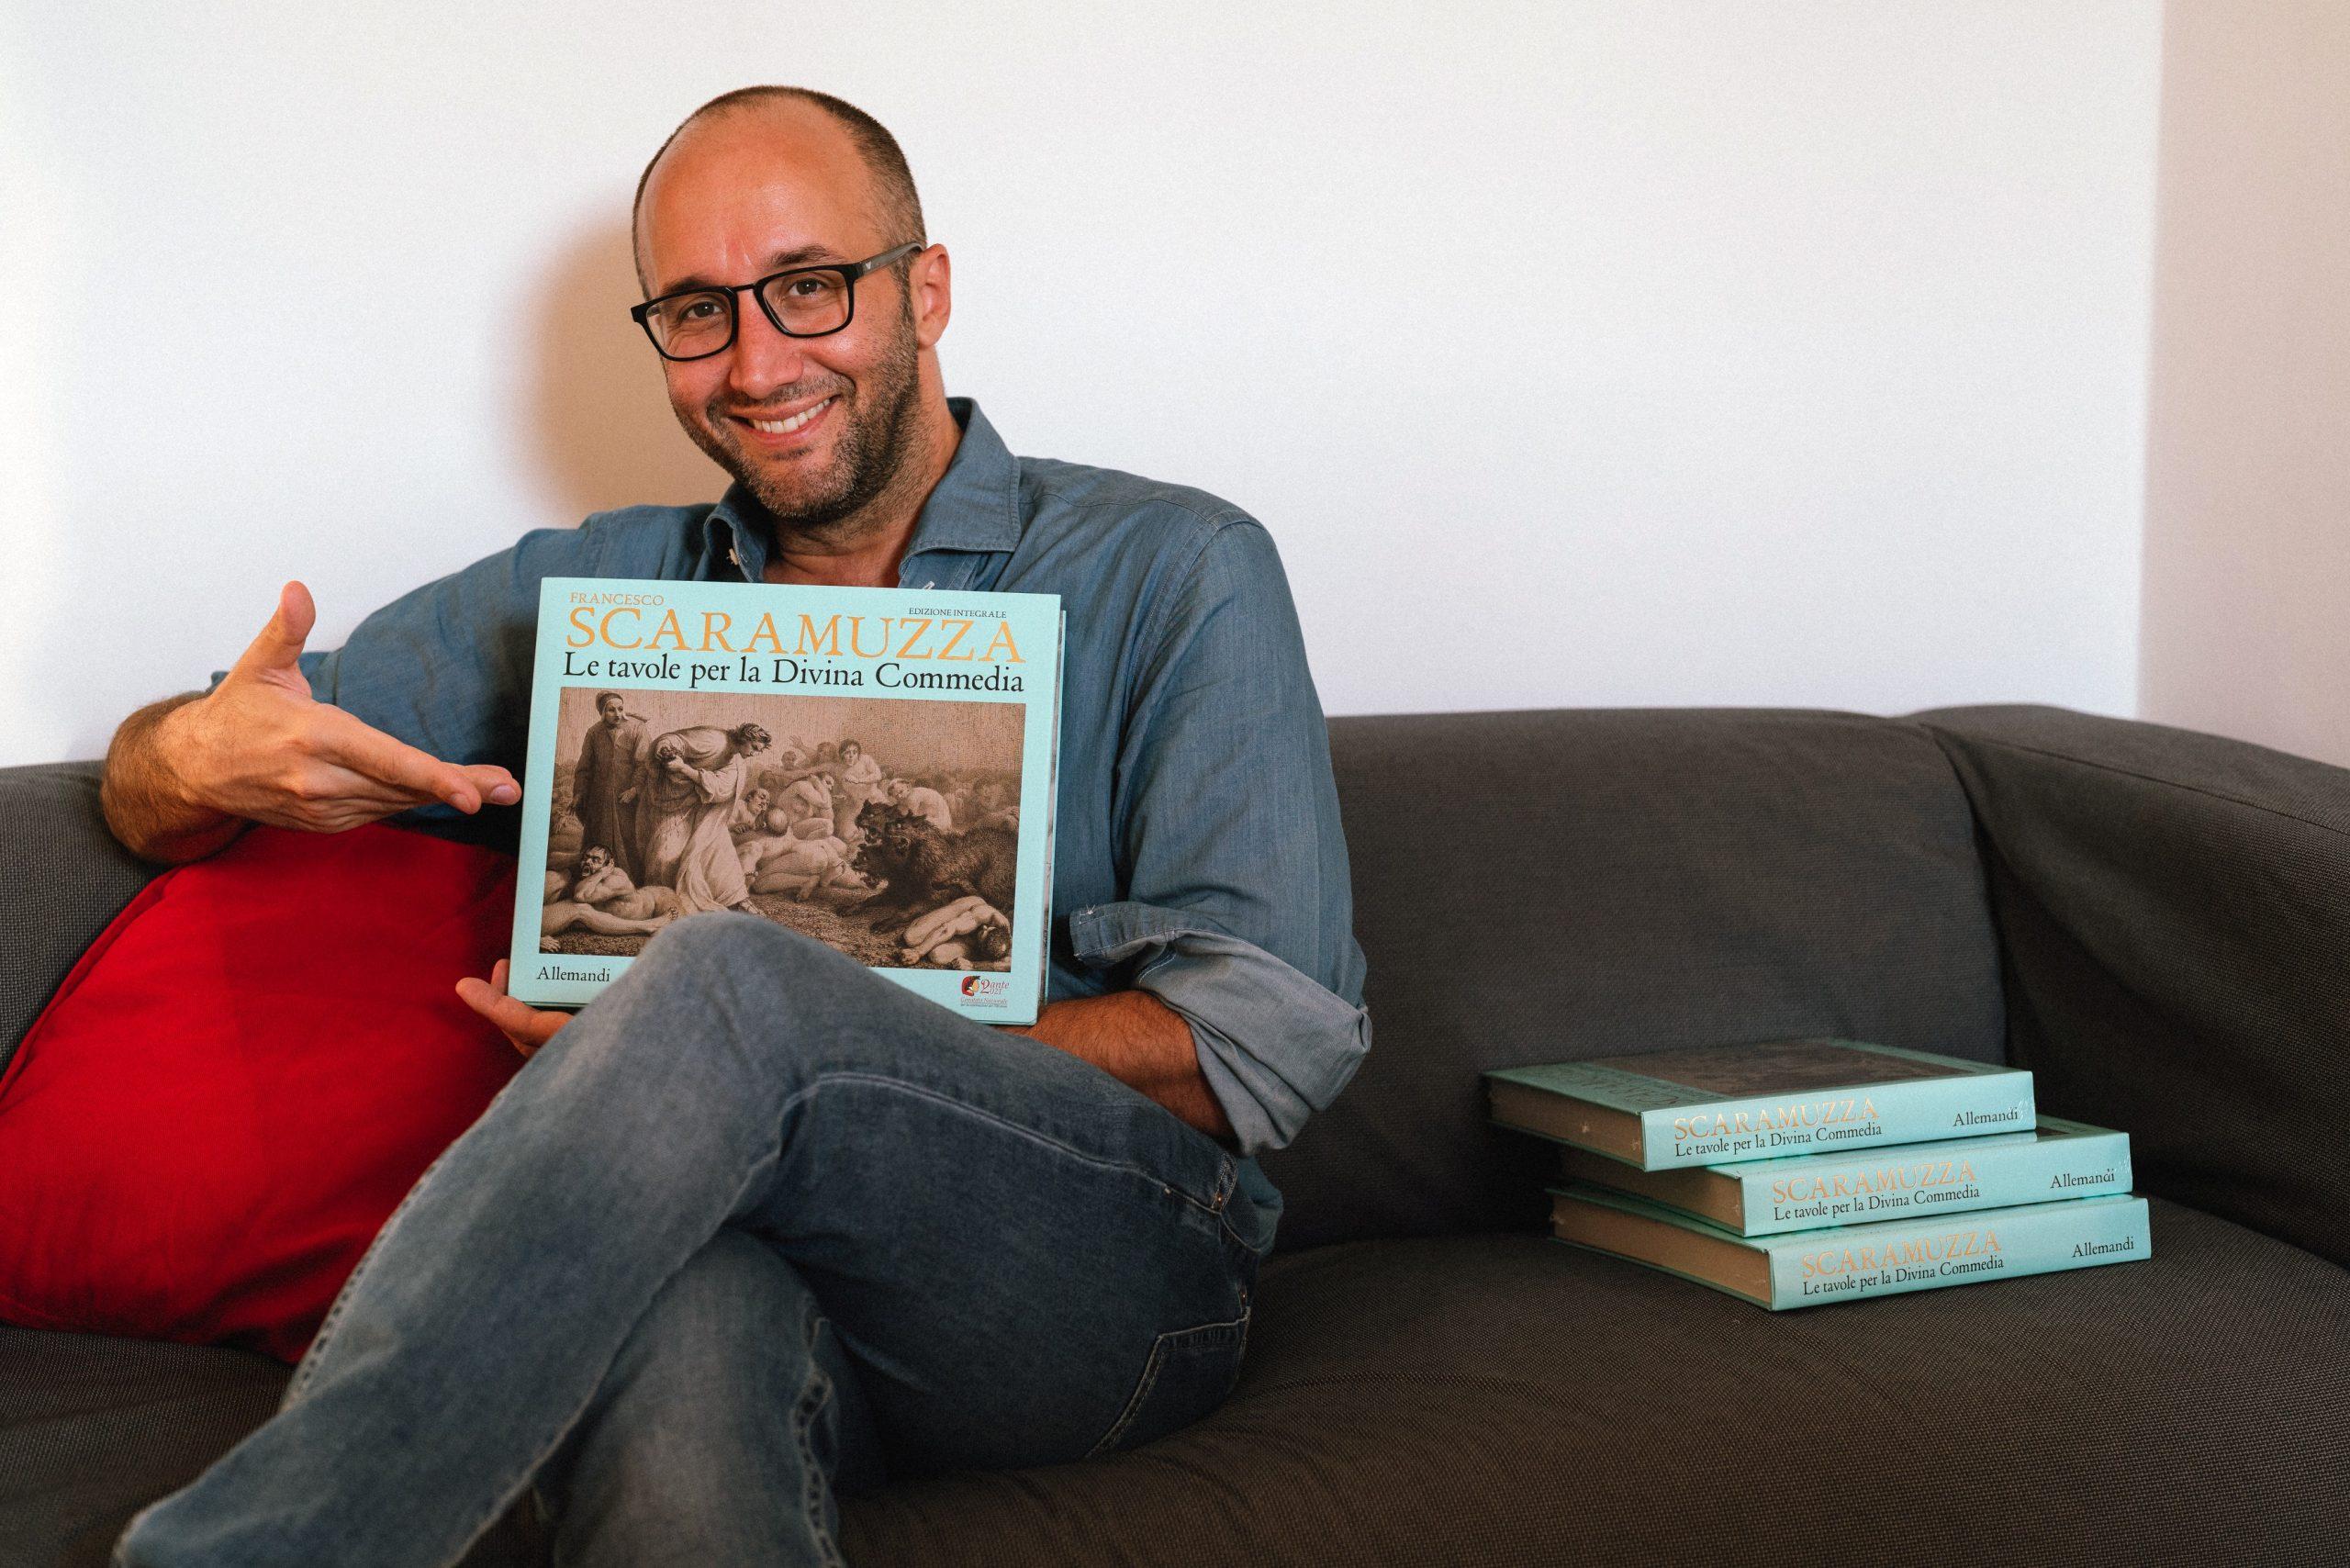 Matteo Gagliardi Scaramuzza Divina Commedia